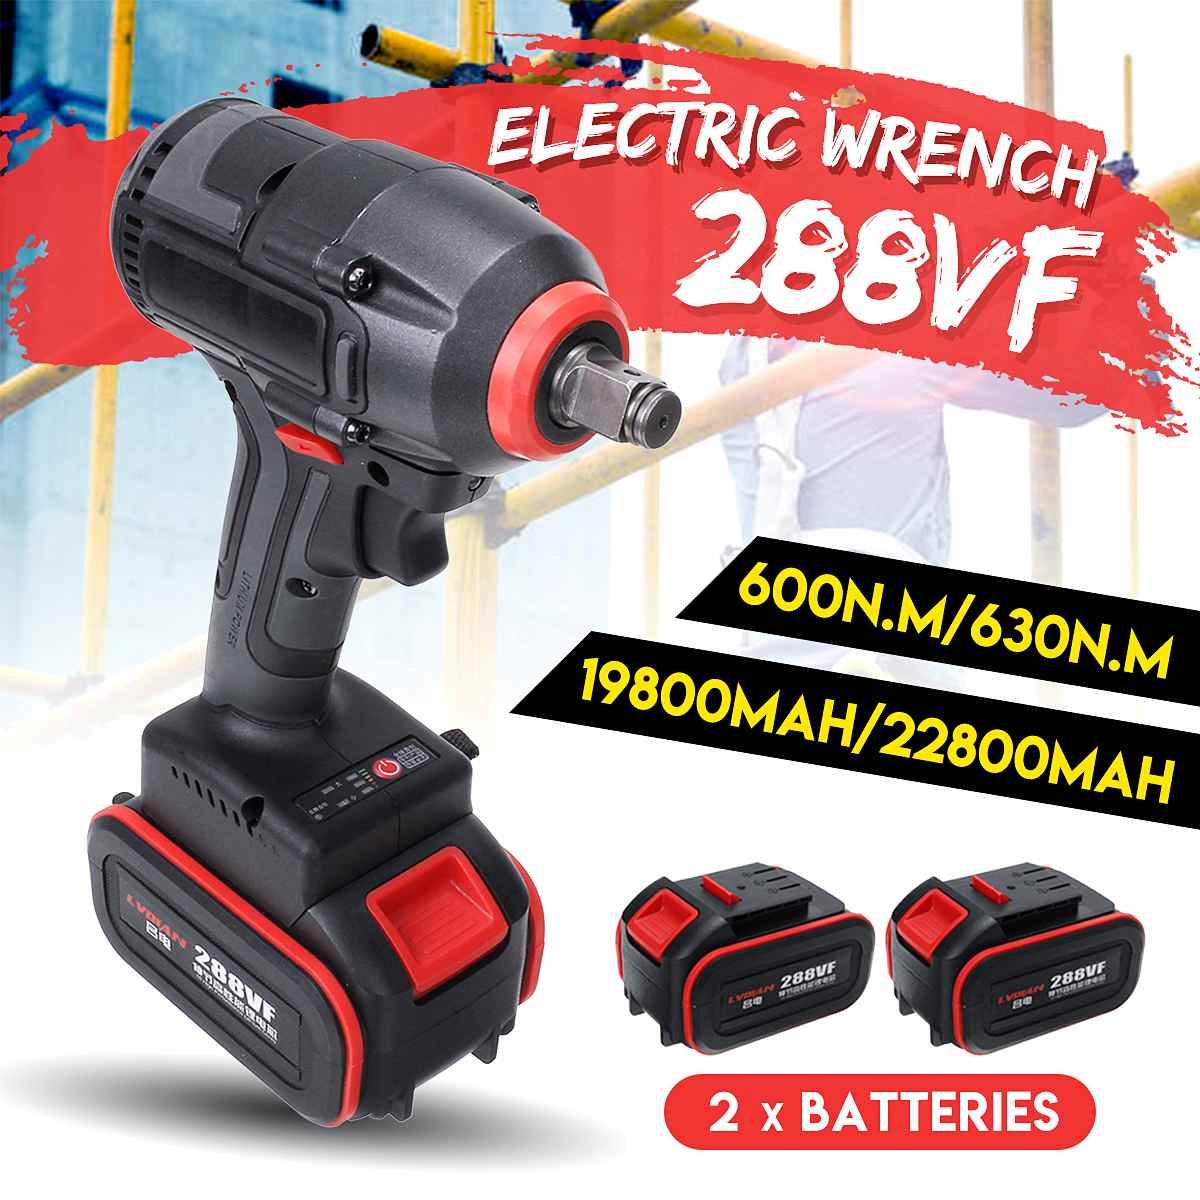 630n. m alto torque 22800mah sem escova chave de impacto elétrica sem fio chave diy recarregável com 2 ferramentas de energia da bateria li-ion